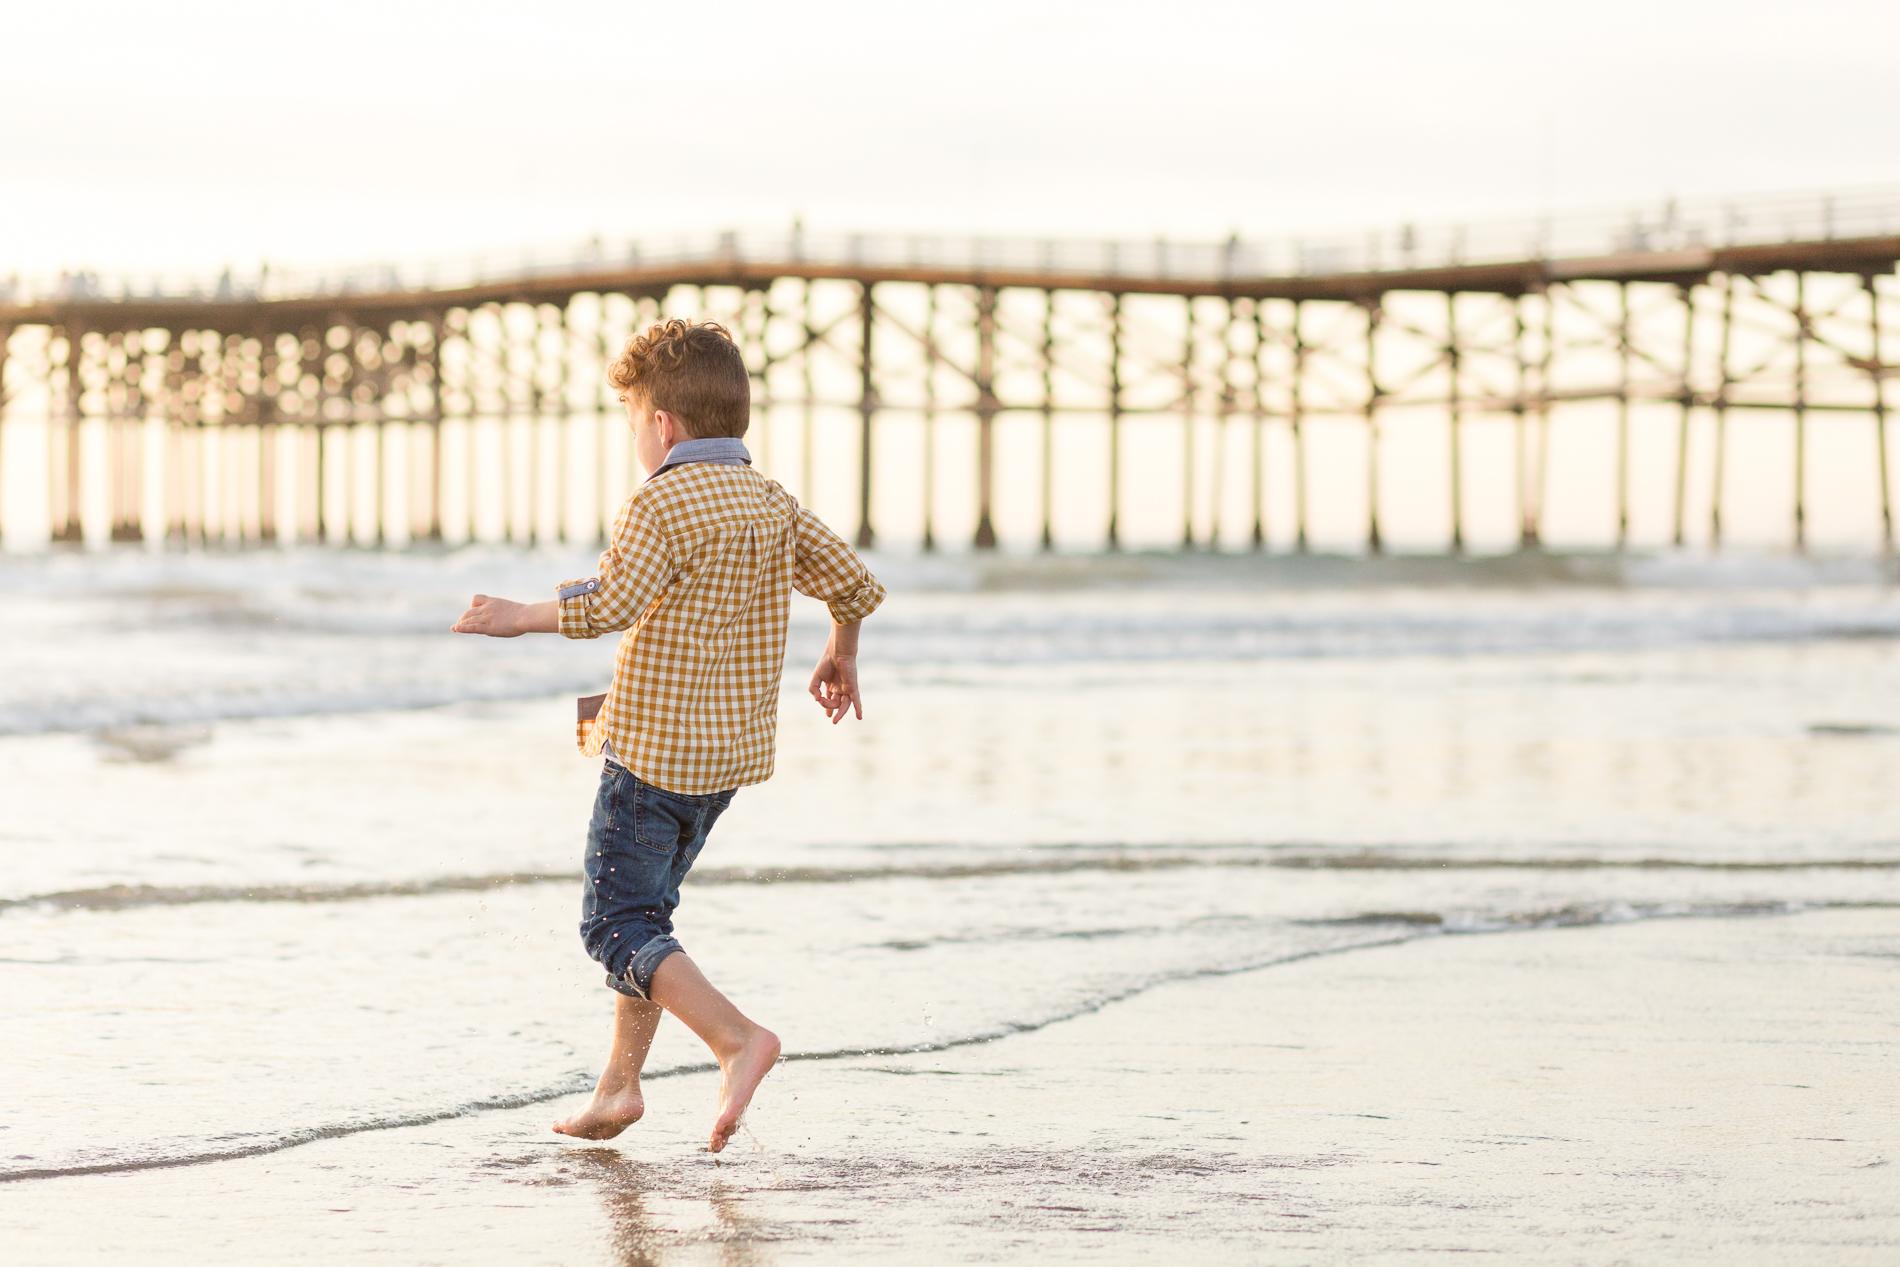 San Diego Family Photographer Beach Crystal Pier Christine Dammann Photography WS HF-15.jpg